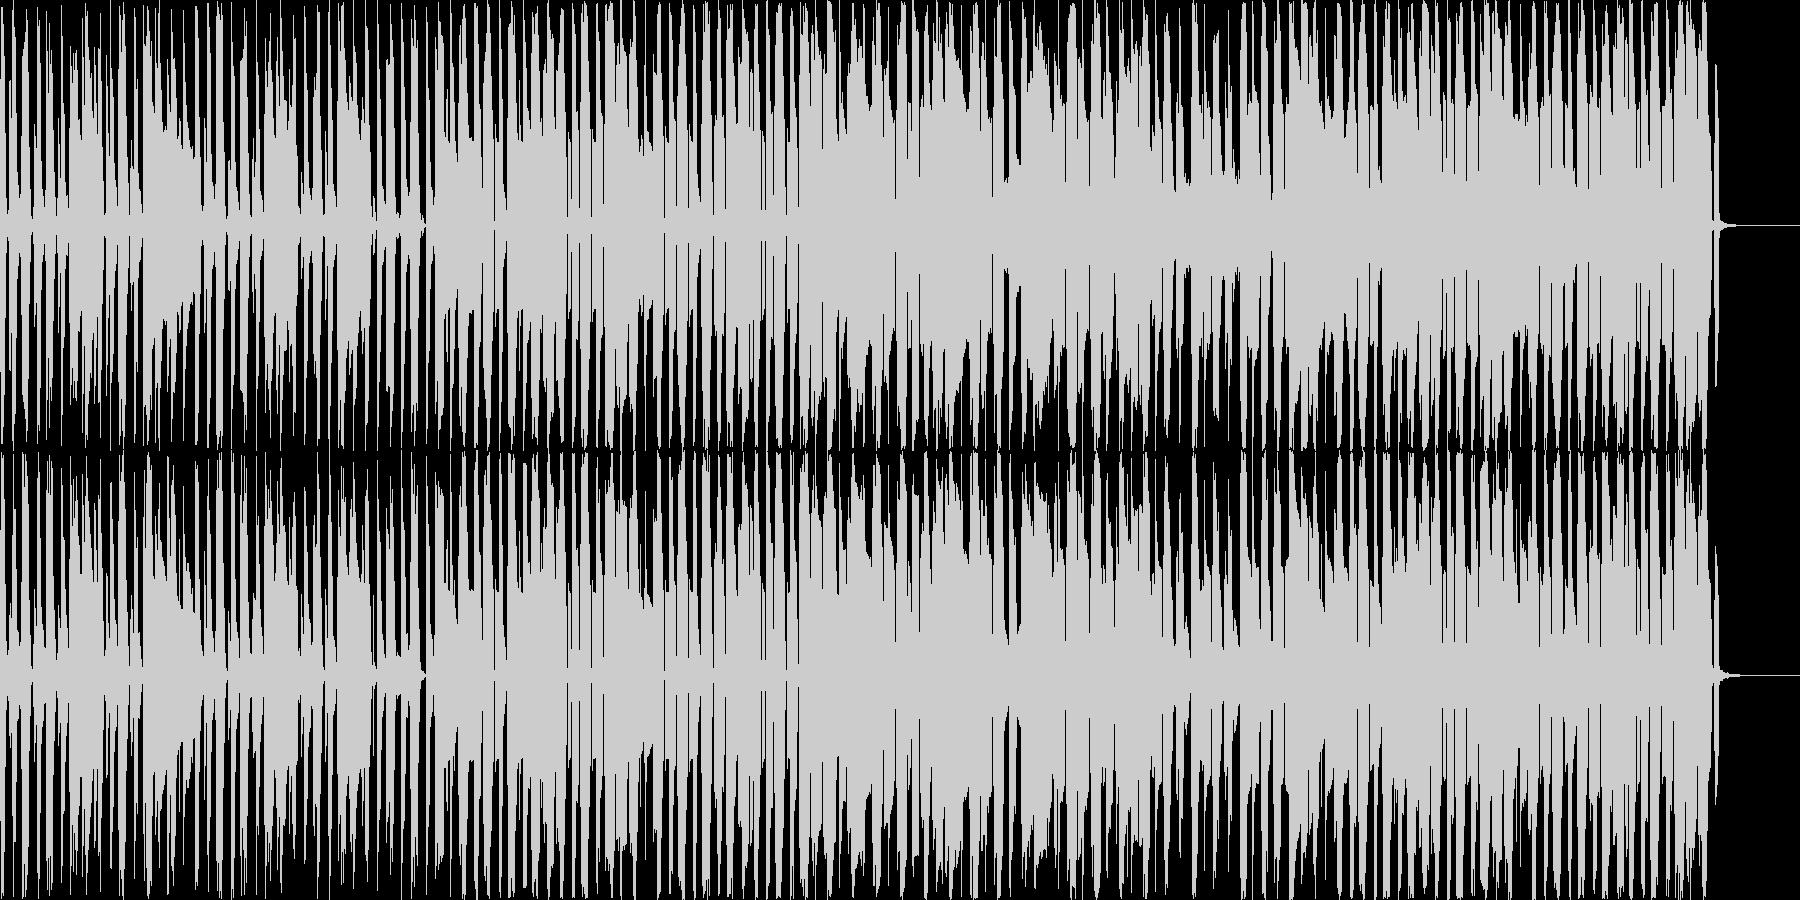 女性ボーカルが口ずさんでいるようなイメ…の未再生の波形